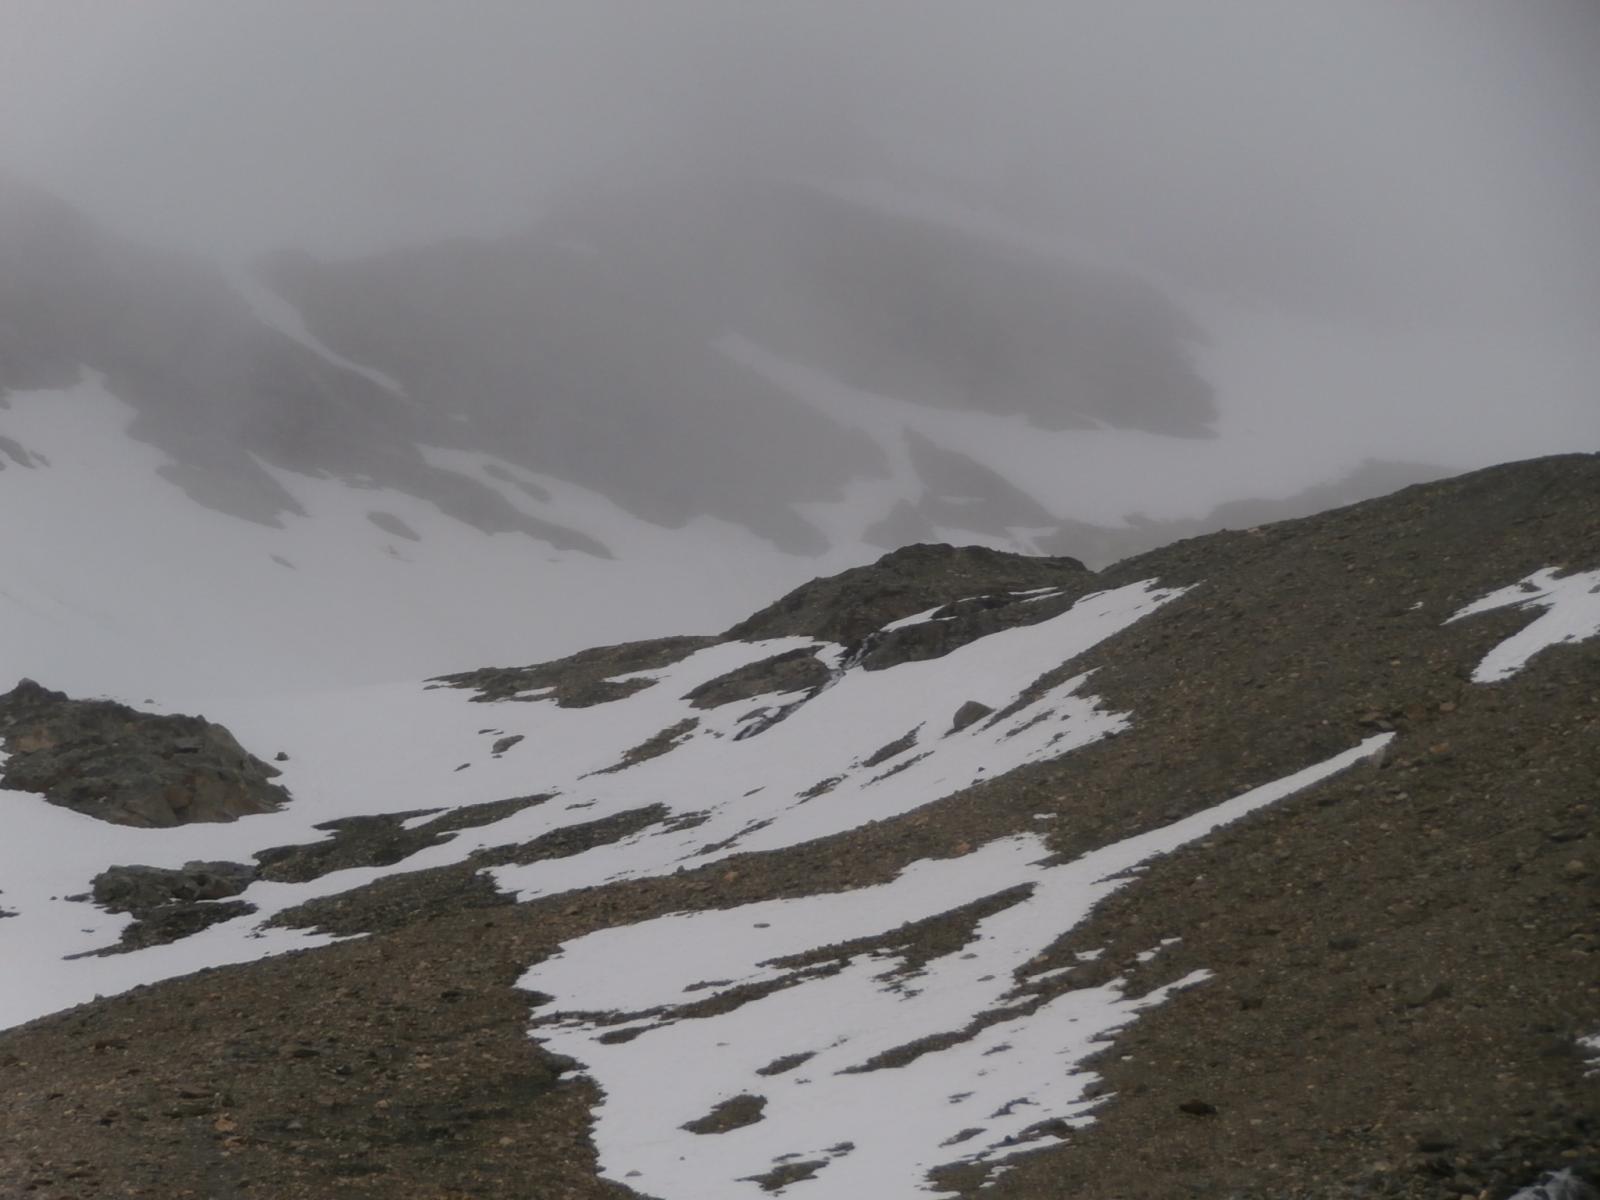 appena sotto il colle Bassac  avvolto nella nebbia....quota 3100 circa